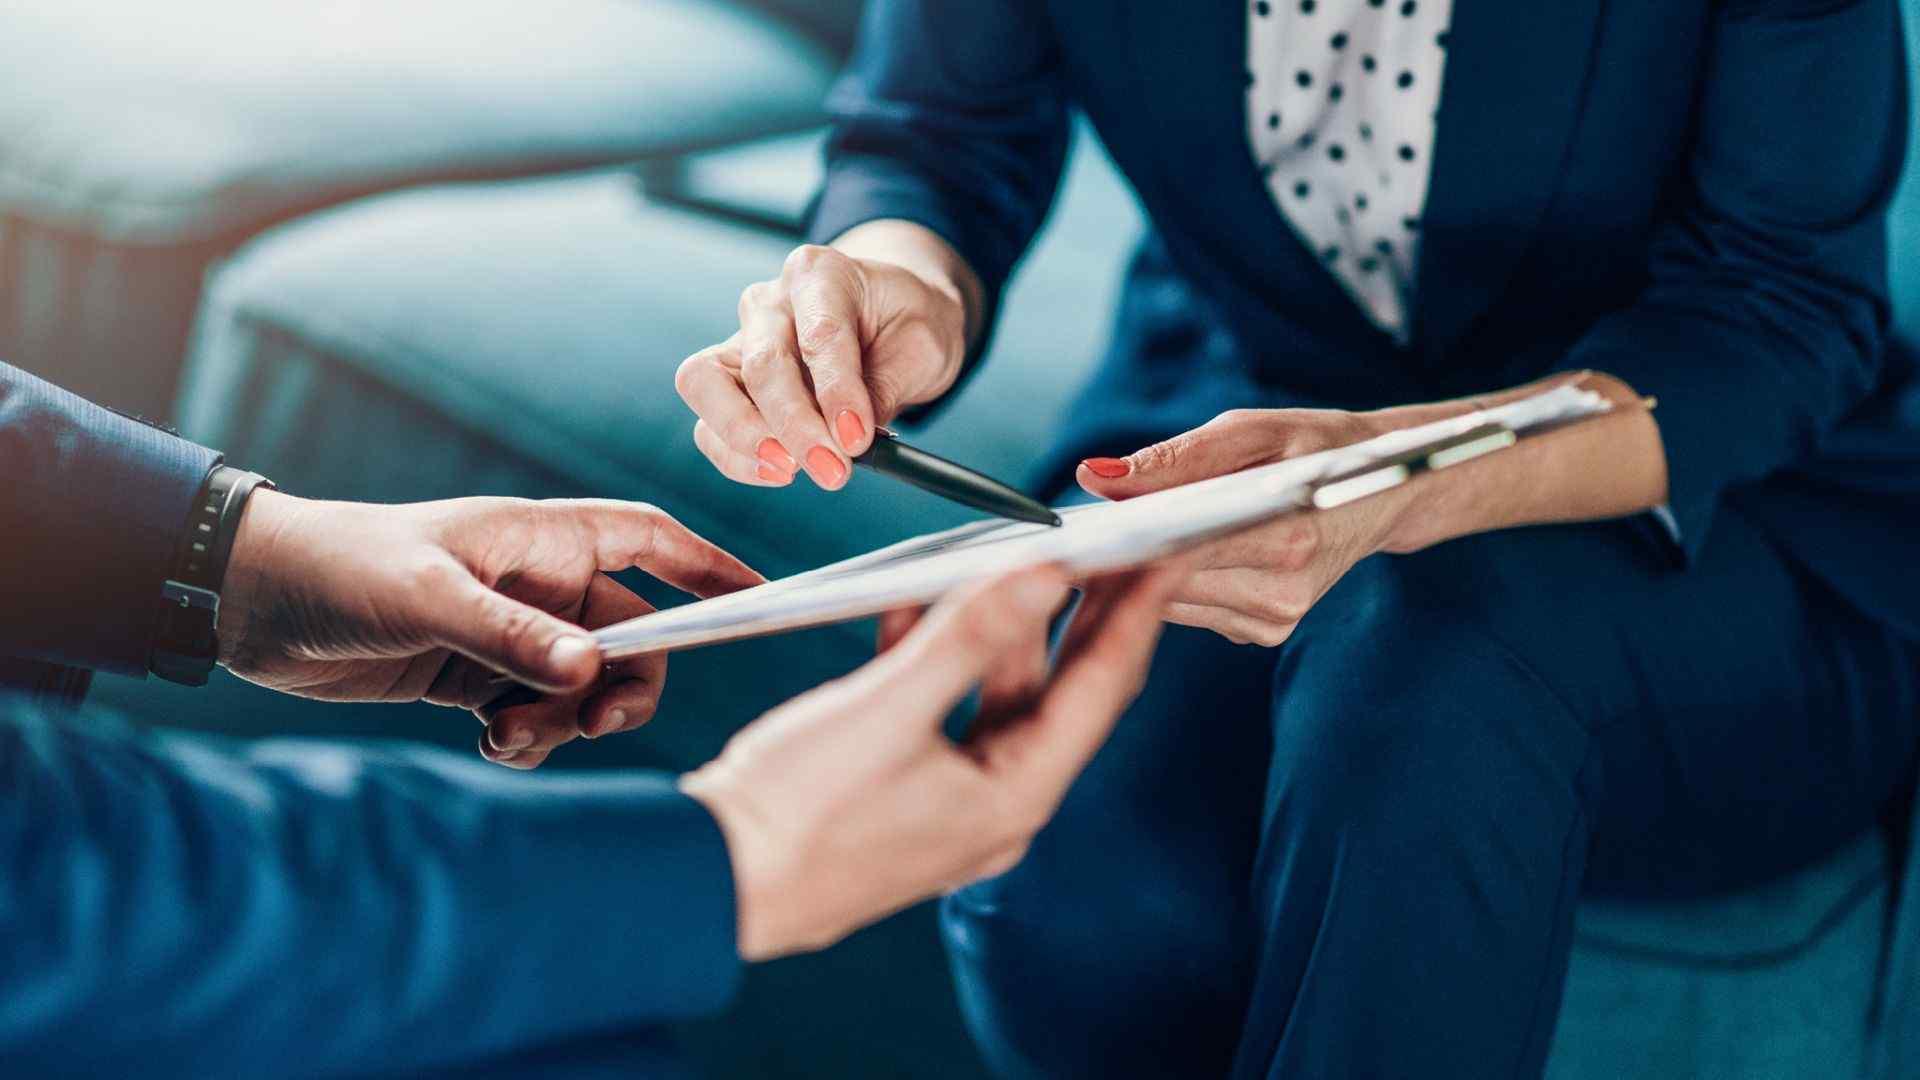 Steuertipp: ETL SteuerTipps zum Jahresanfang: Was Unternehmer 2021 wissen müssen